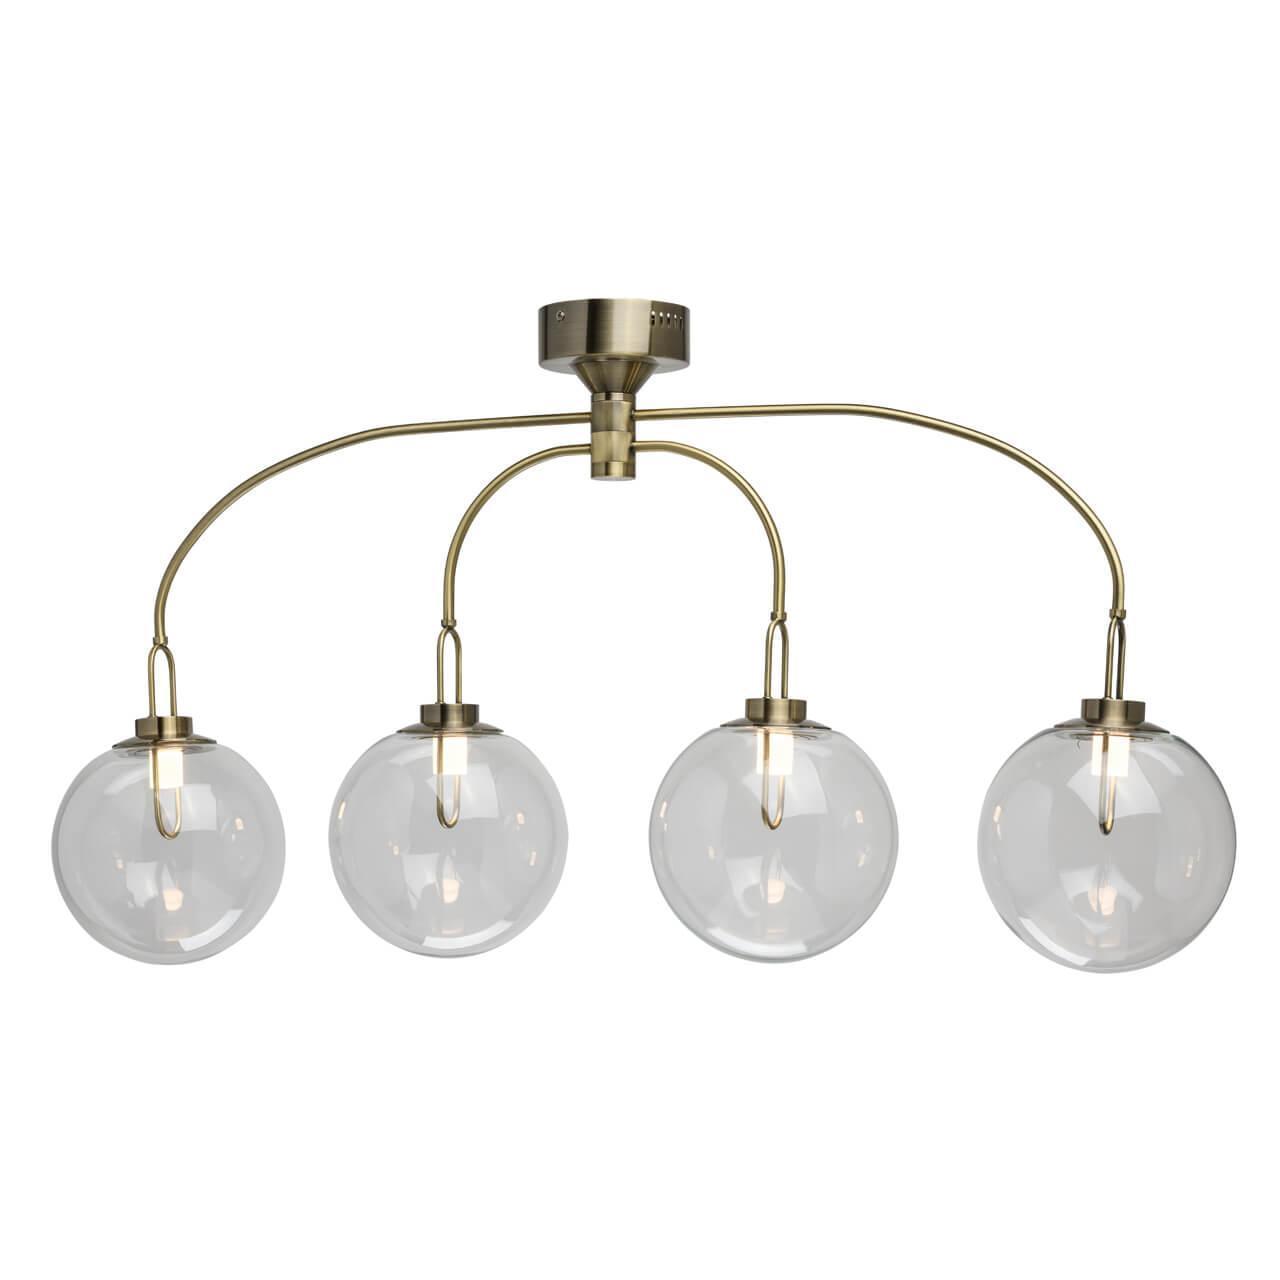 Подвесная светодиодная люстра De Markt Крайс 5 657011704 настольная лампа de markt крайс 657030301